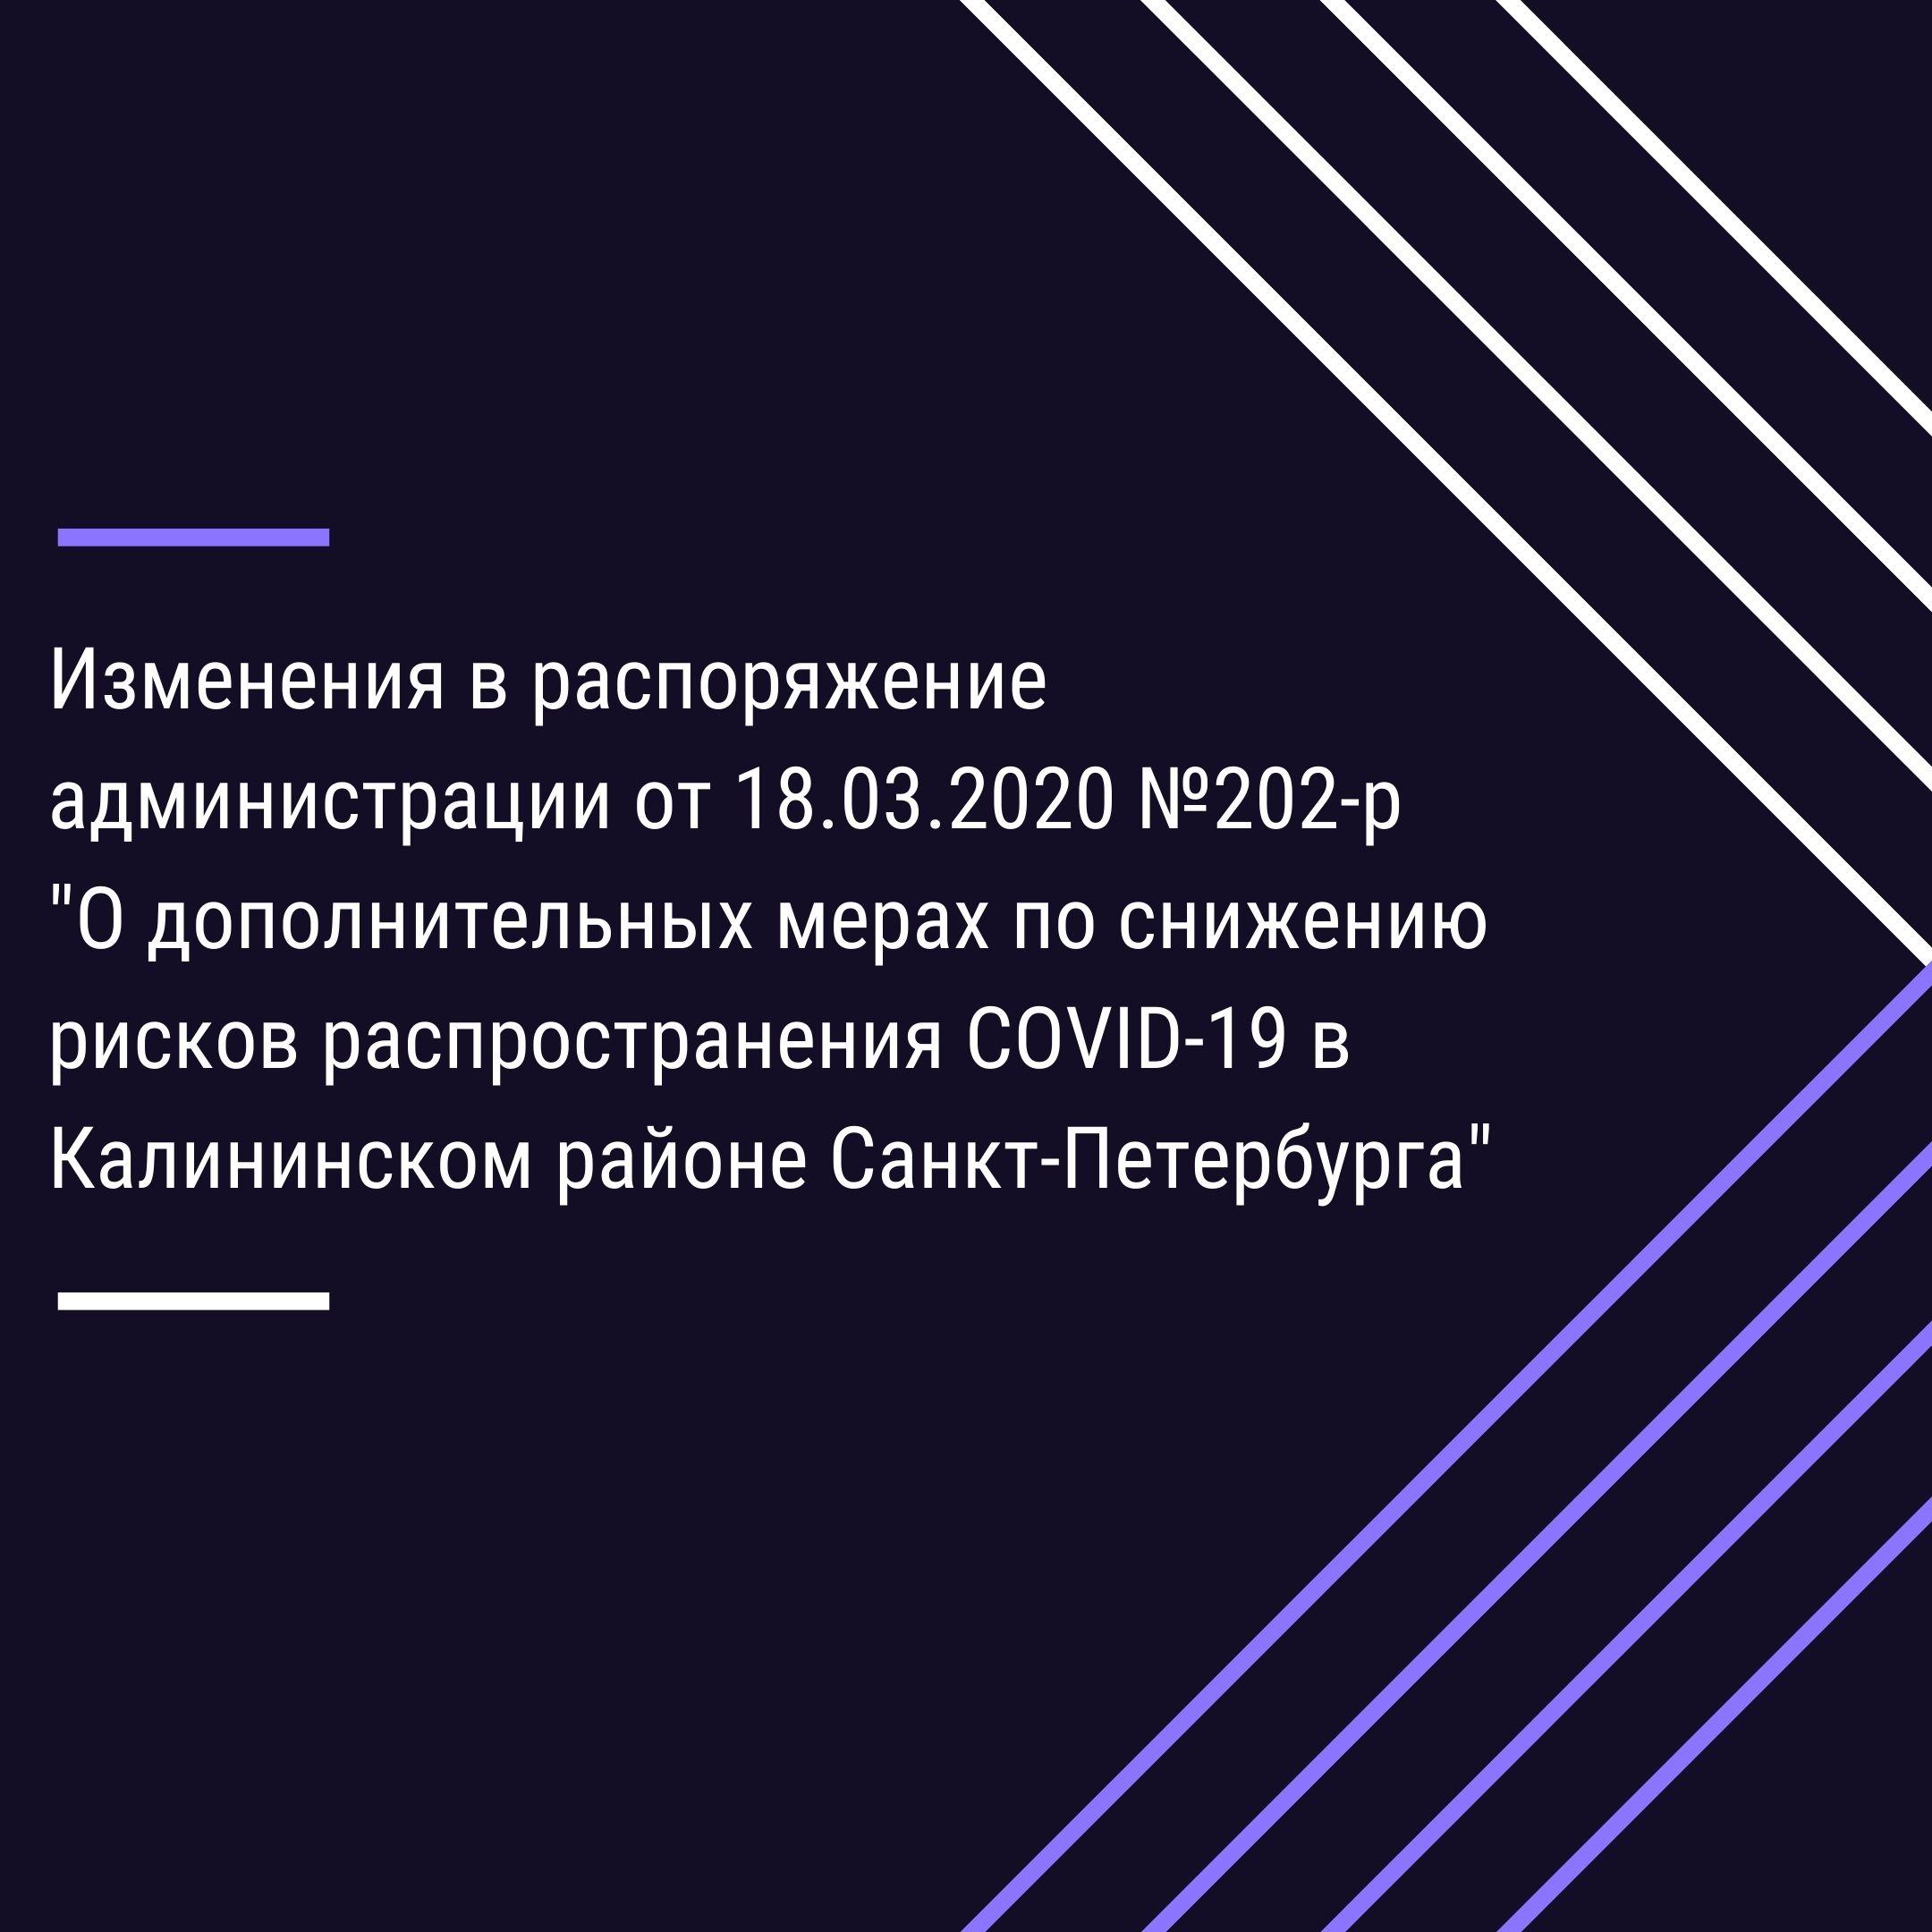 Изменения в распоряжение администрации от 18.03.2020 №202-р